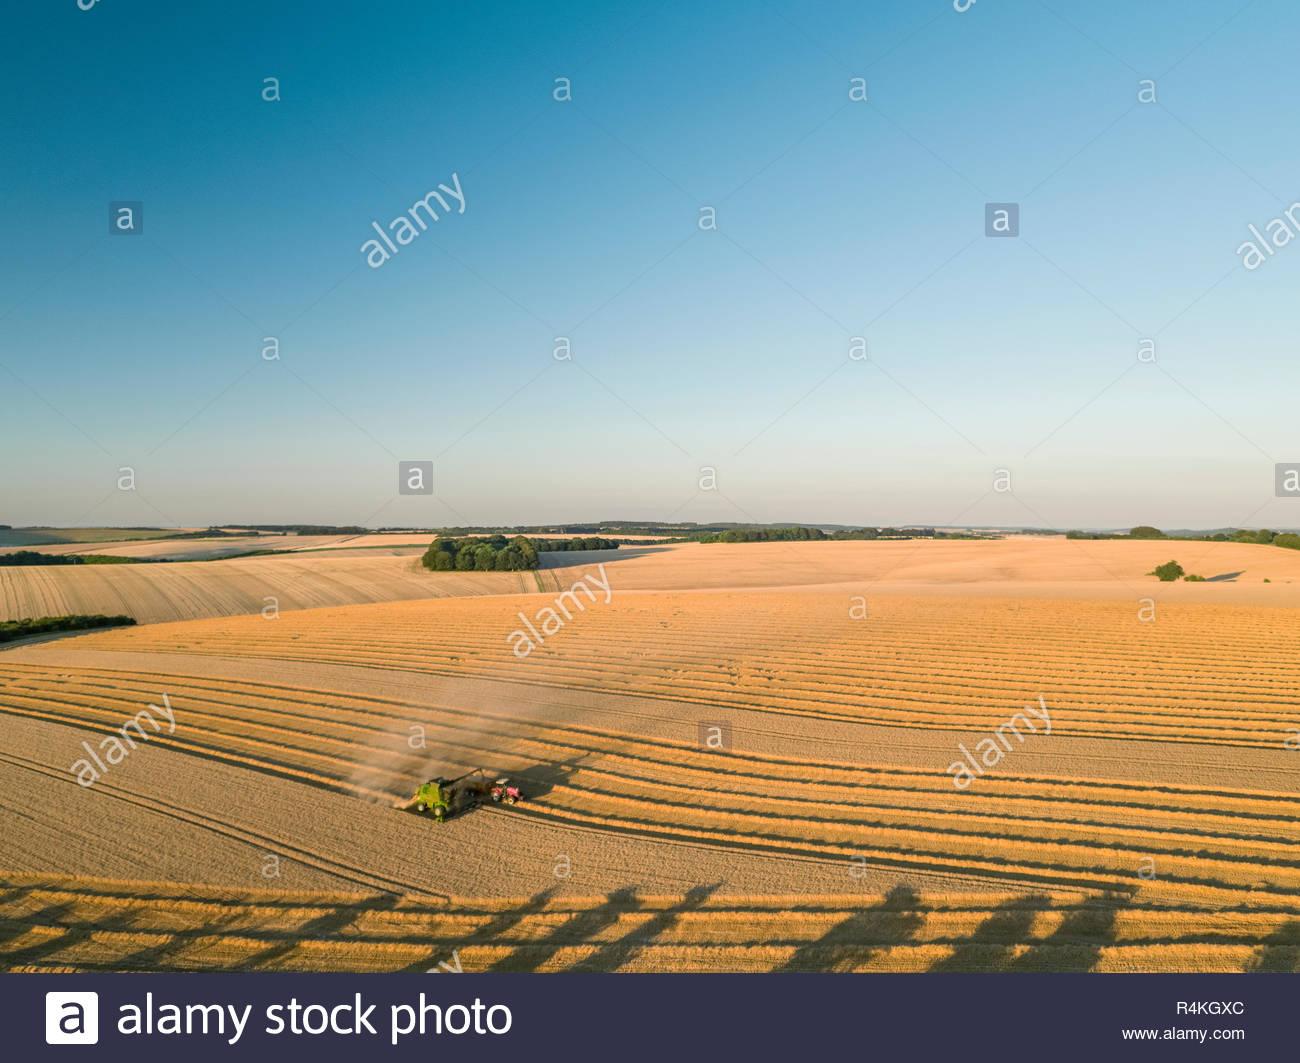 Ernte Antenne Landschaft des Mähdreschers schneiden Sommer Weizenfeld Ernte in Sunset Landschaft Licht unter blauem Himmel auf der Farm Stockfoto